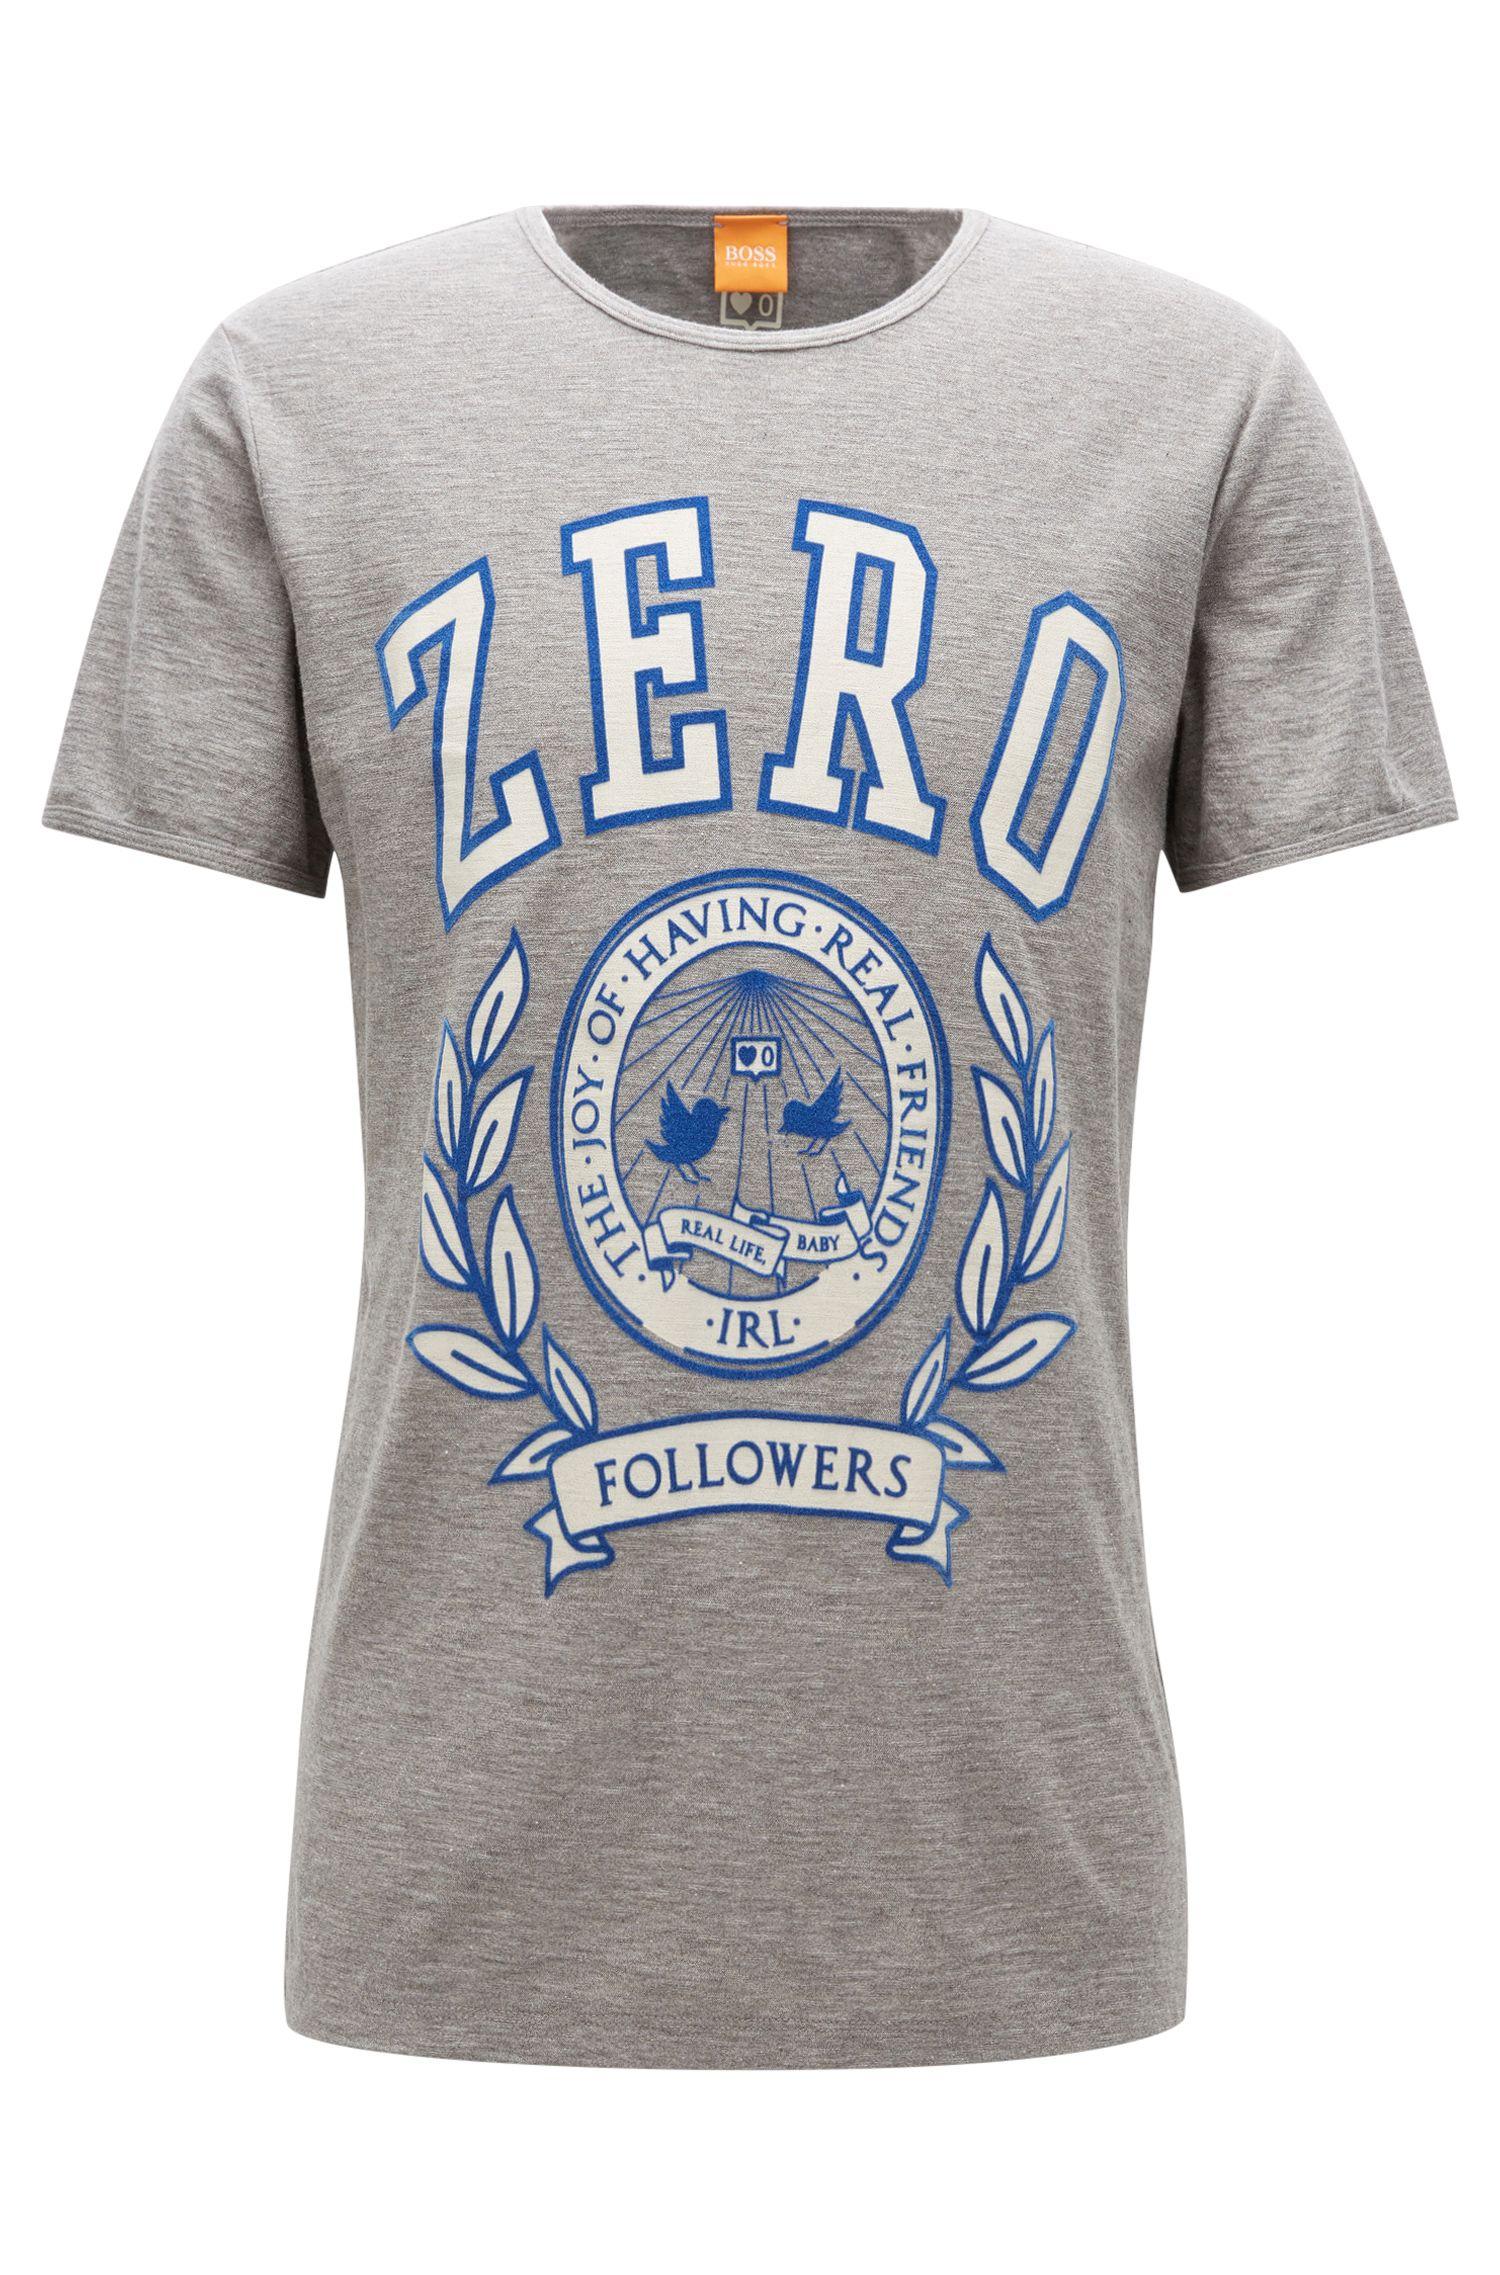 Regular-Fit T-Shirt aus strukturierter Baumwolle mit Aufdruck